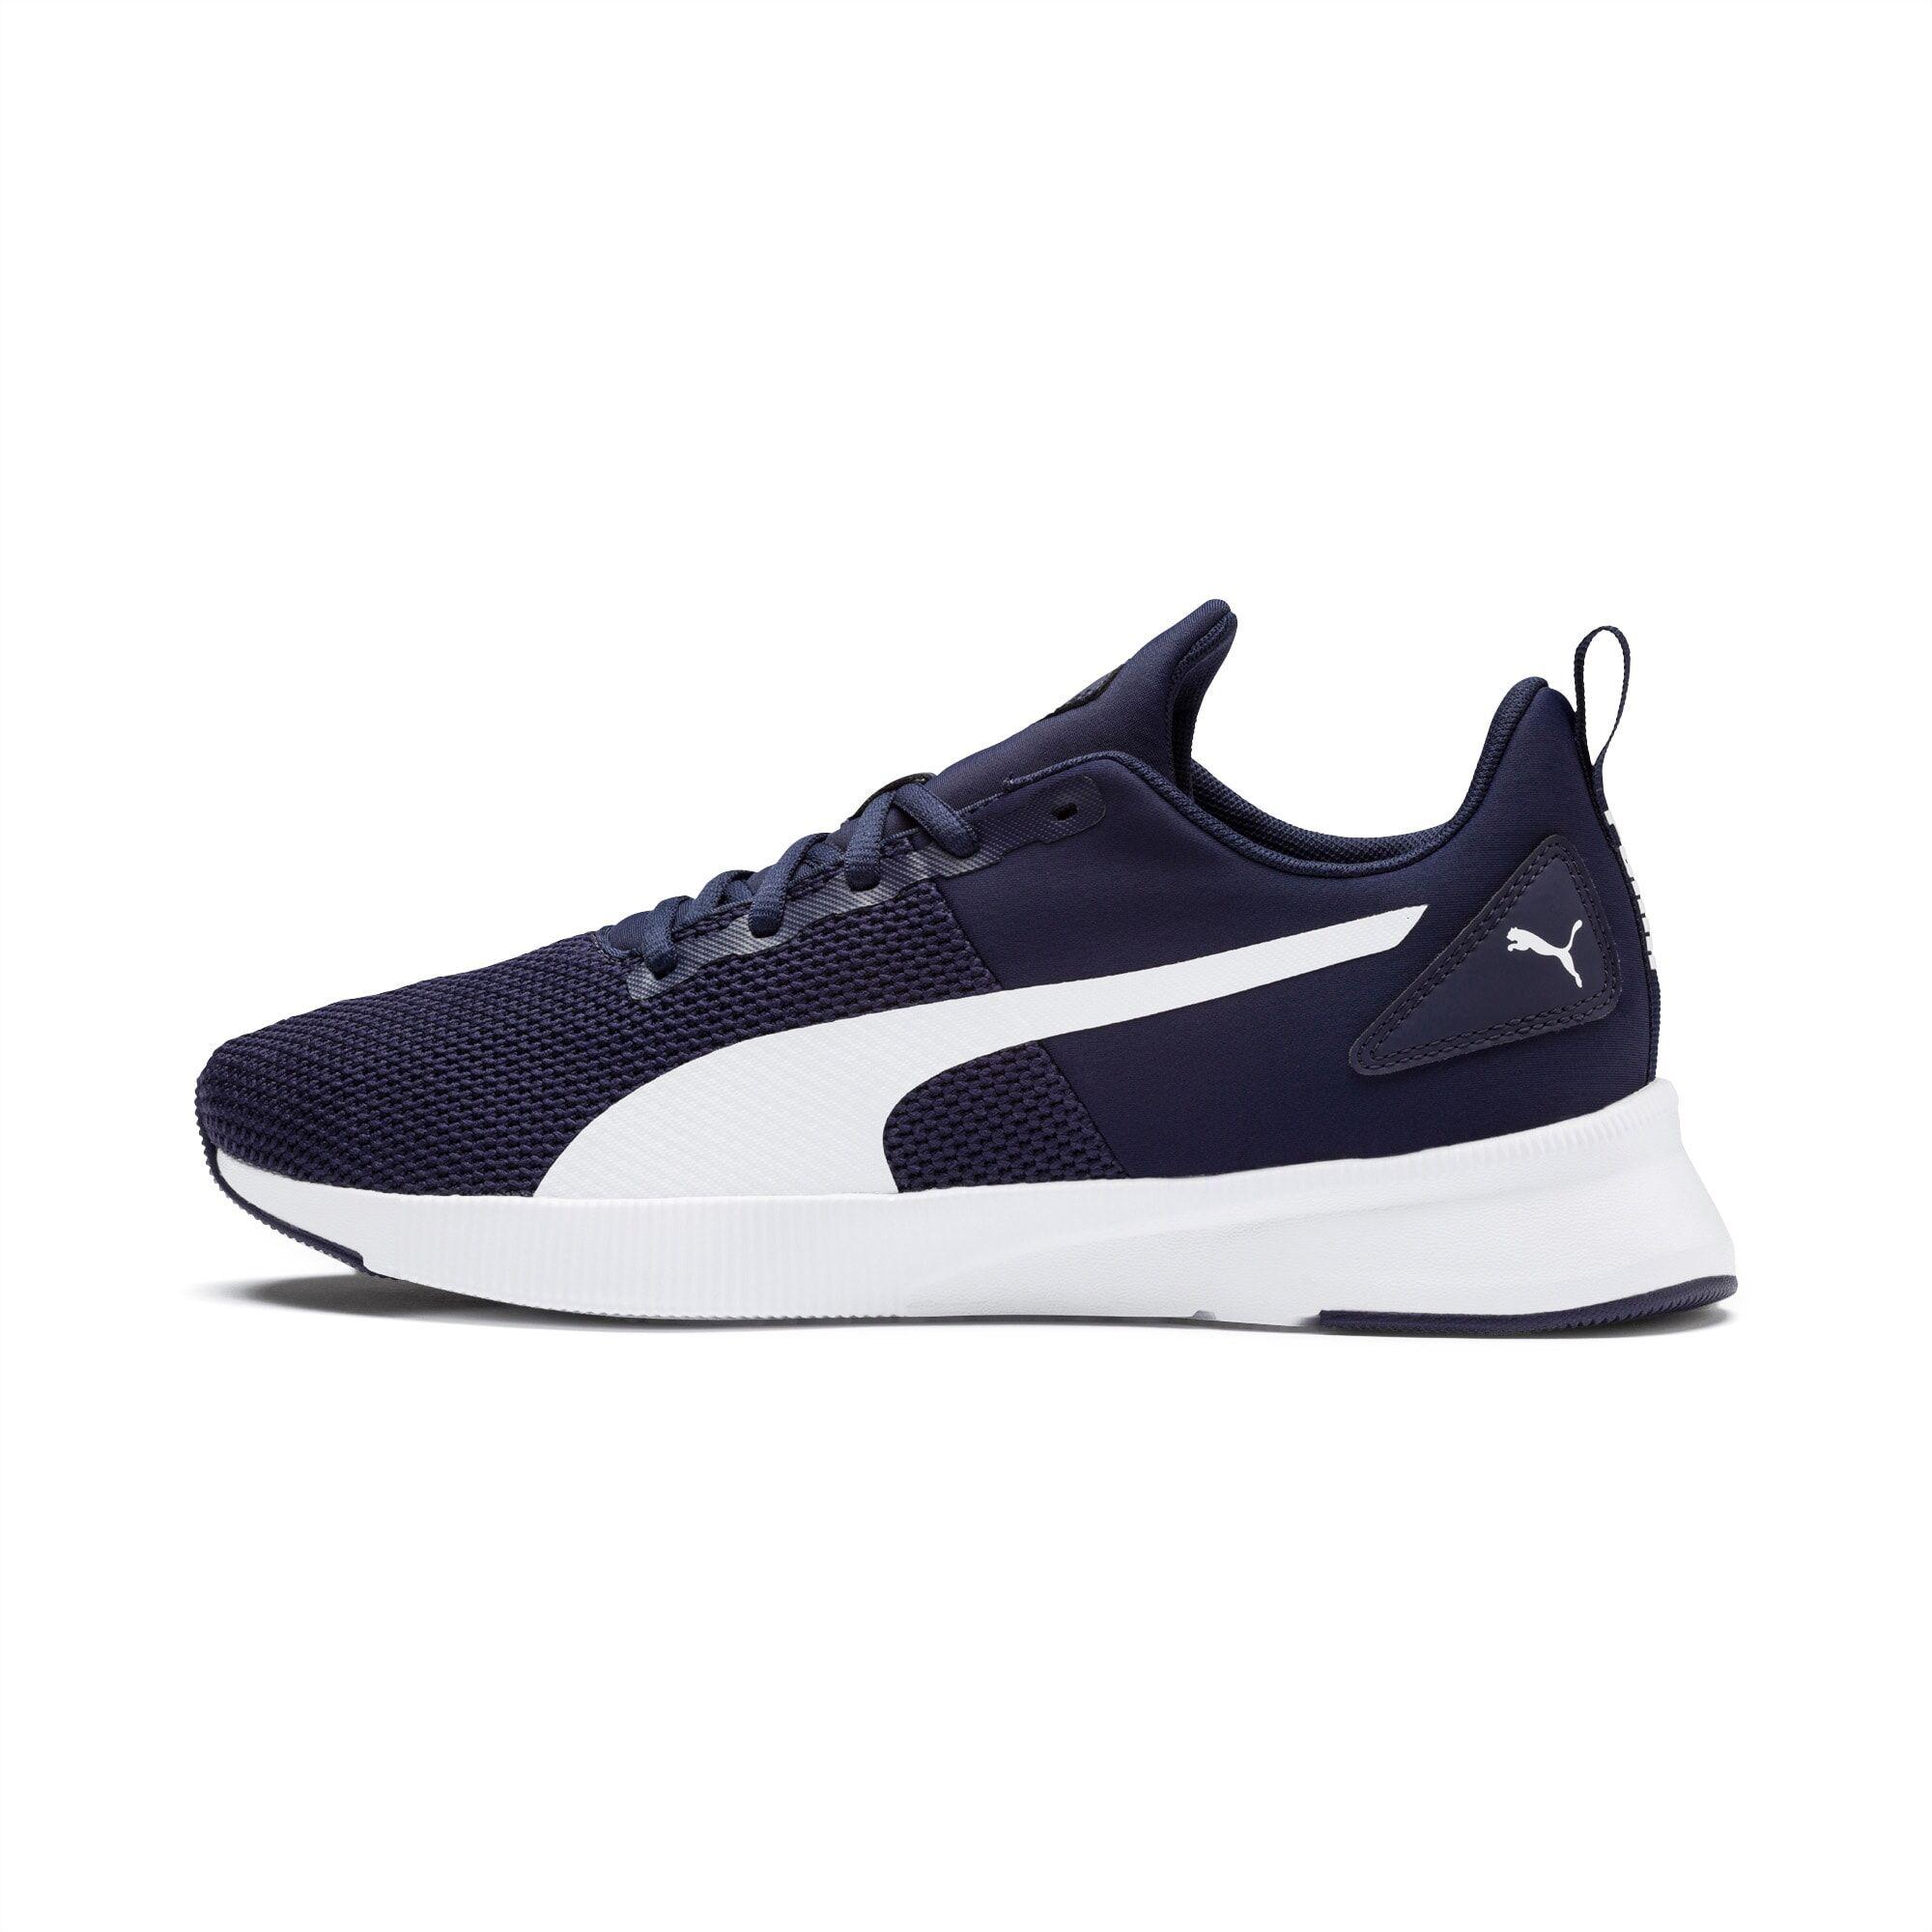 PUMA Chaussure de course Flyer Runner, Bleu/Blanc, Taille 39, Chaussures